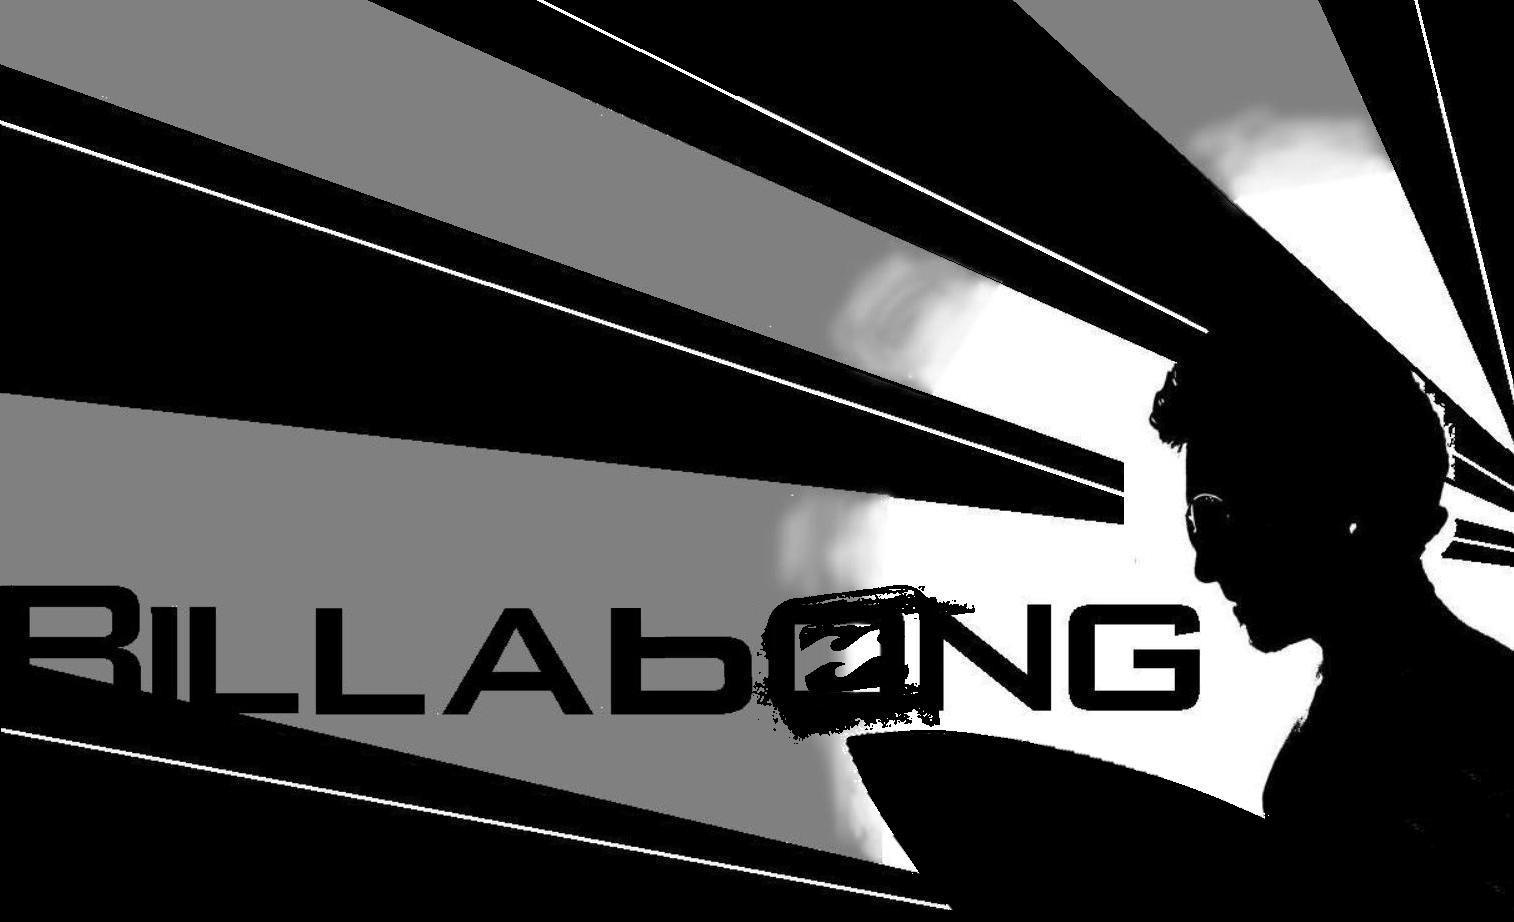 billabong sun Computer Wallpapers Desktop Backgrounds 1514x922 ID 1514x922